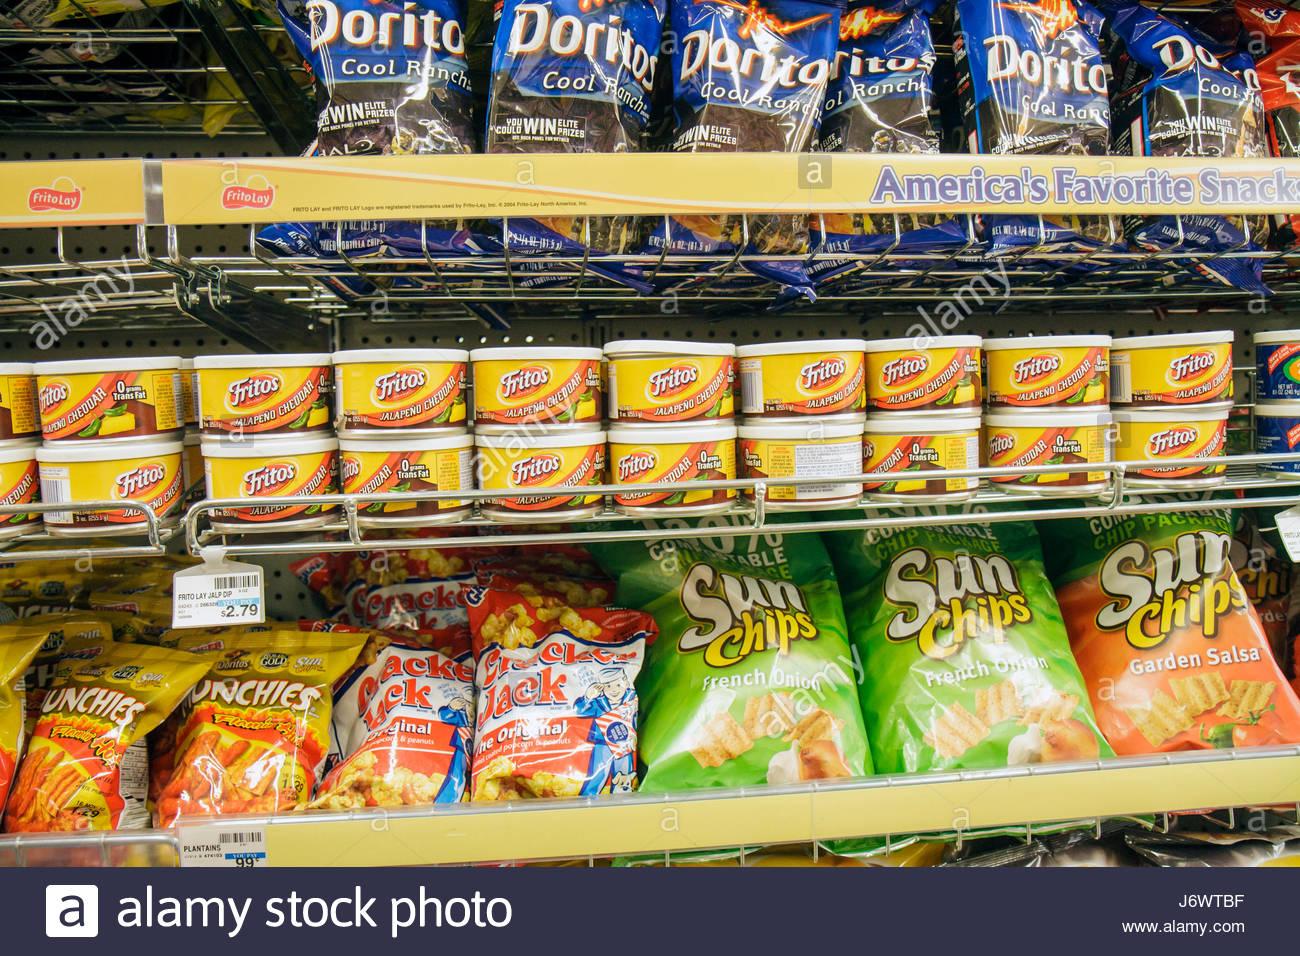 miami beach florida pharmacy snack stock photos u0026 miami beach